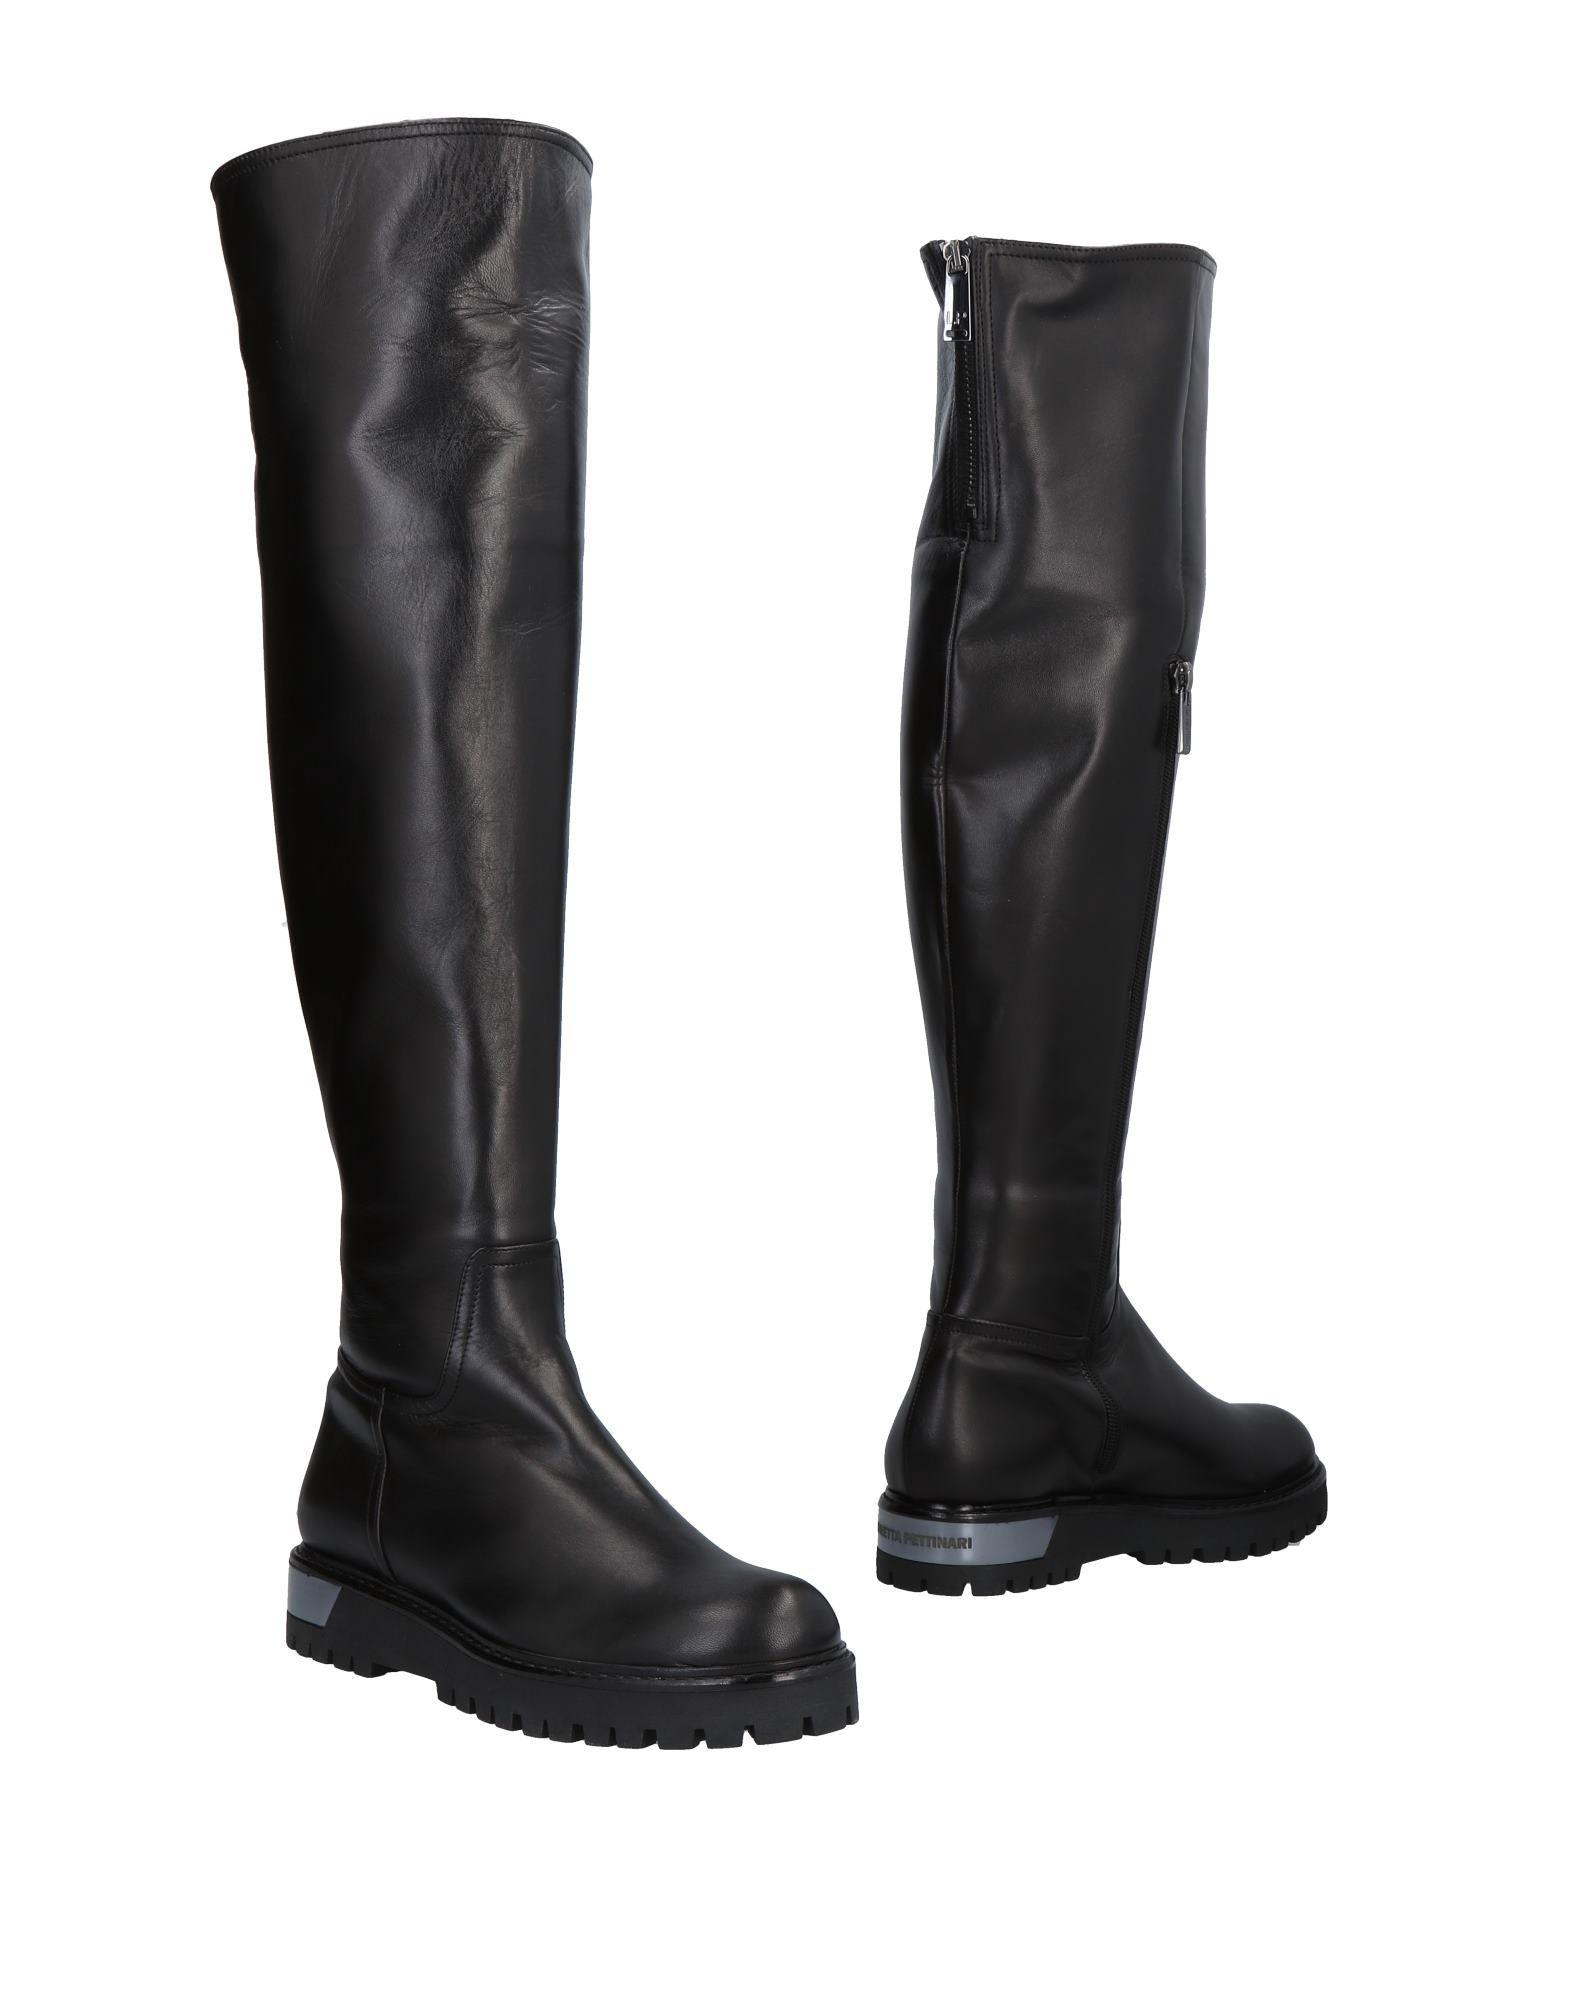 Rabatt Damen Schuhe Loretta Pettinari Stiefel Damen Rabatt  11492285IL adfbb9